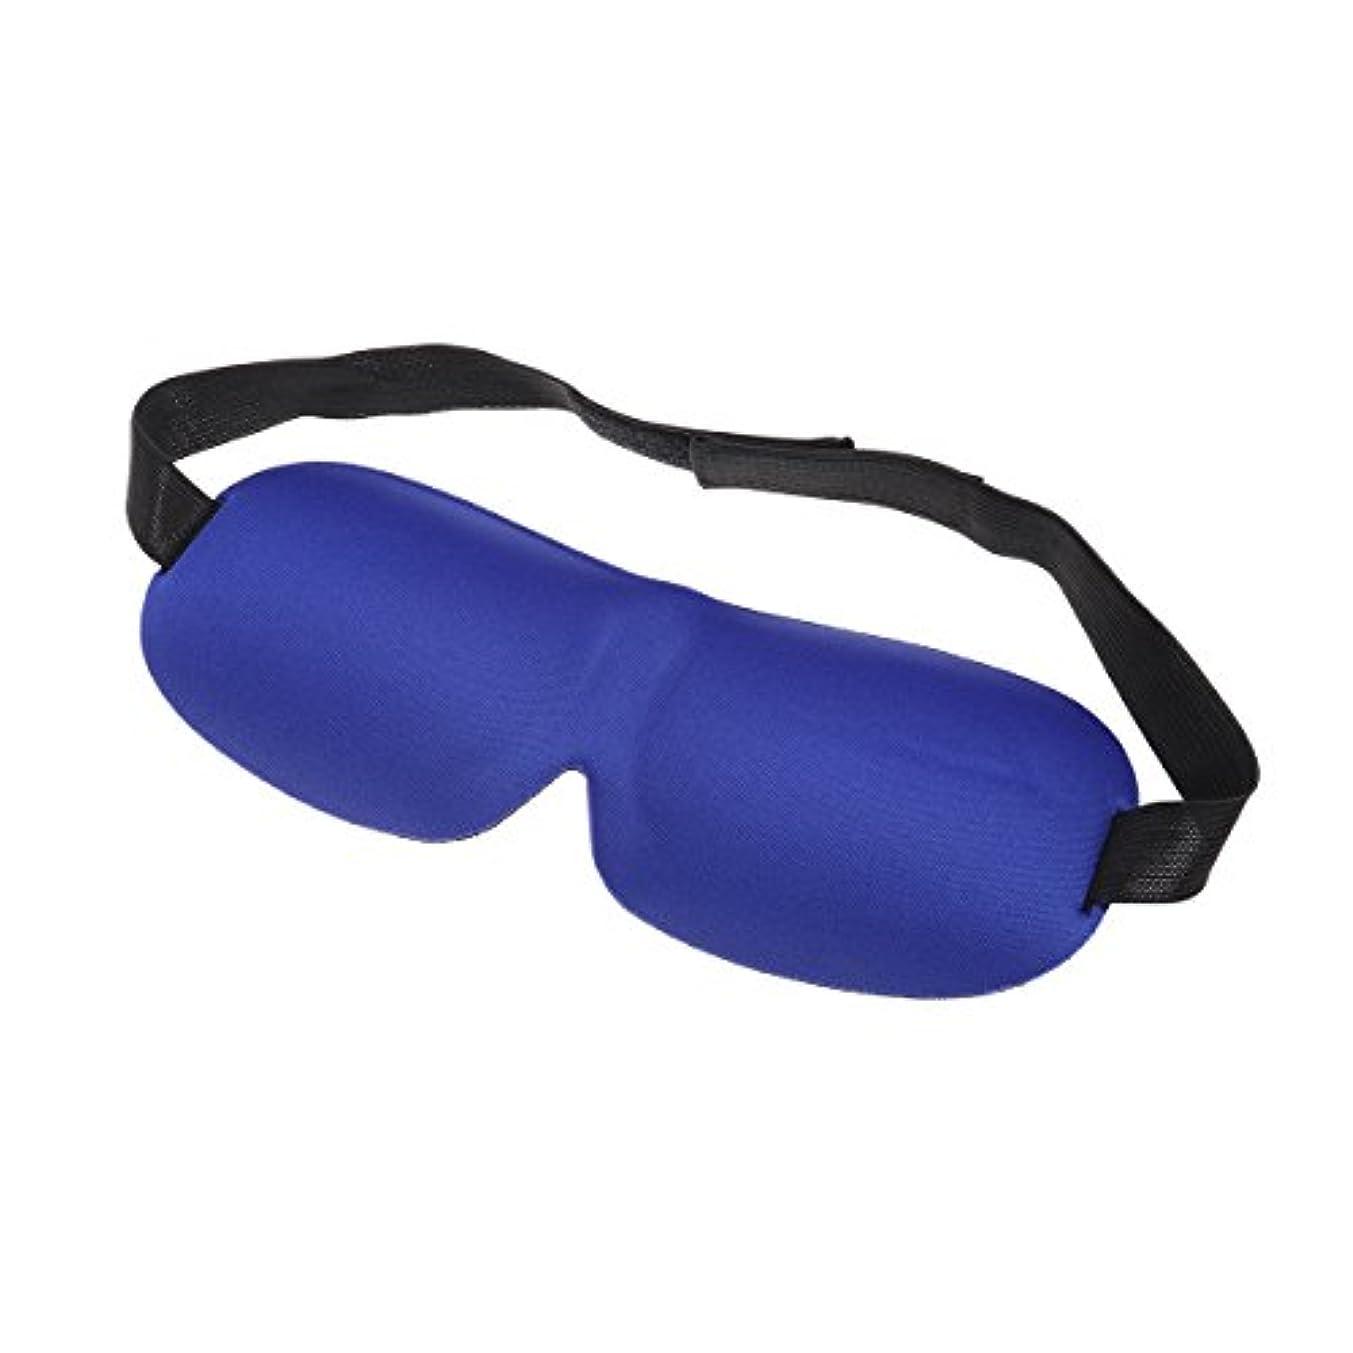 涙が出るながらミケランジェロROSENICE アイマスク 遮光 睡眠 軽量 目隠し 圧迫感なし 調節可能 3D睡眠マスク(ブルー)